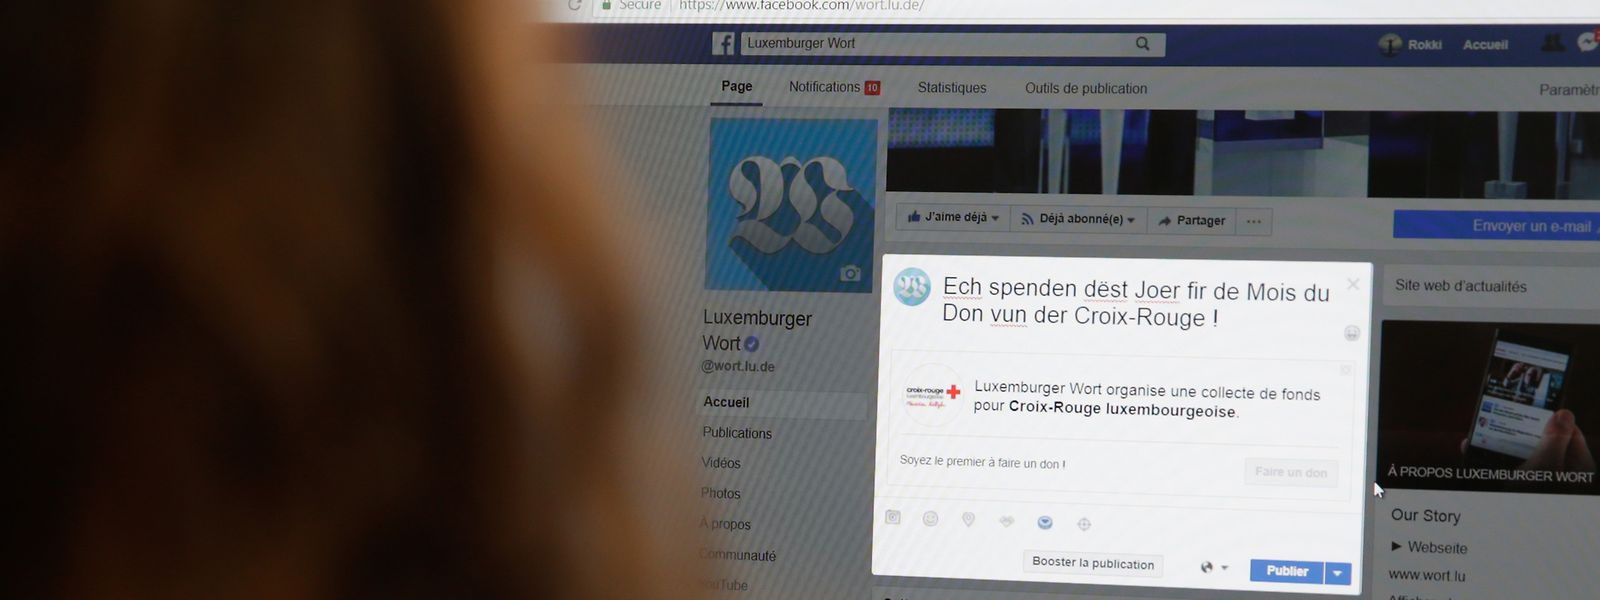 Facebook-Nutzer können auf ihrer Seite Freunde zum Spenden auffordern. Die Fundraising-Technik des Social-Media-Giganten ermöglicht es, durch einen simplen Klick, anderen Menschen zu helfen.